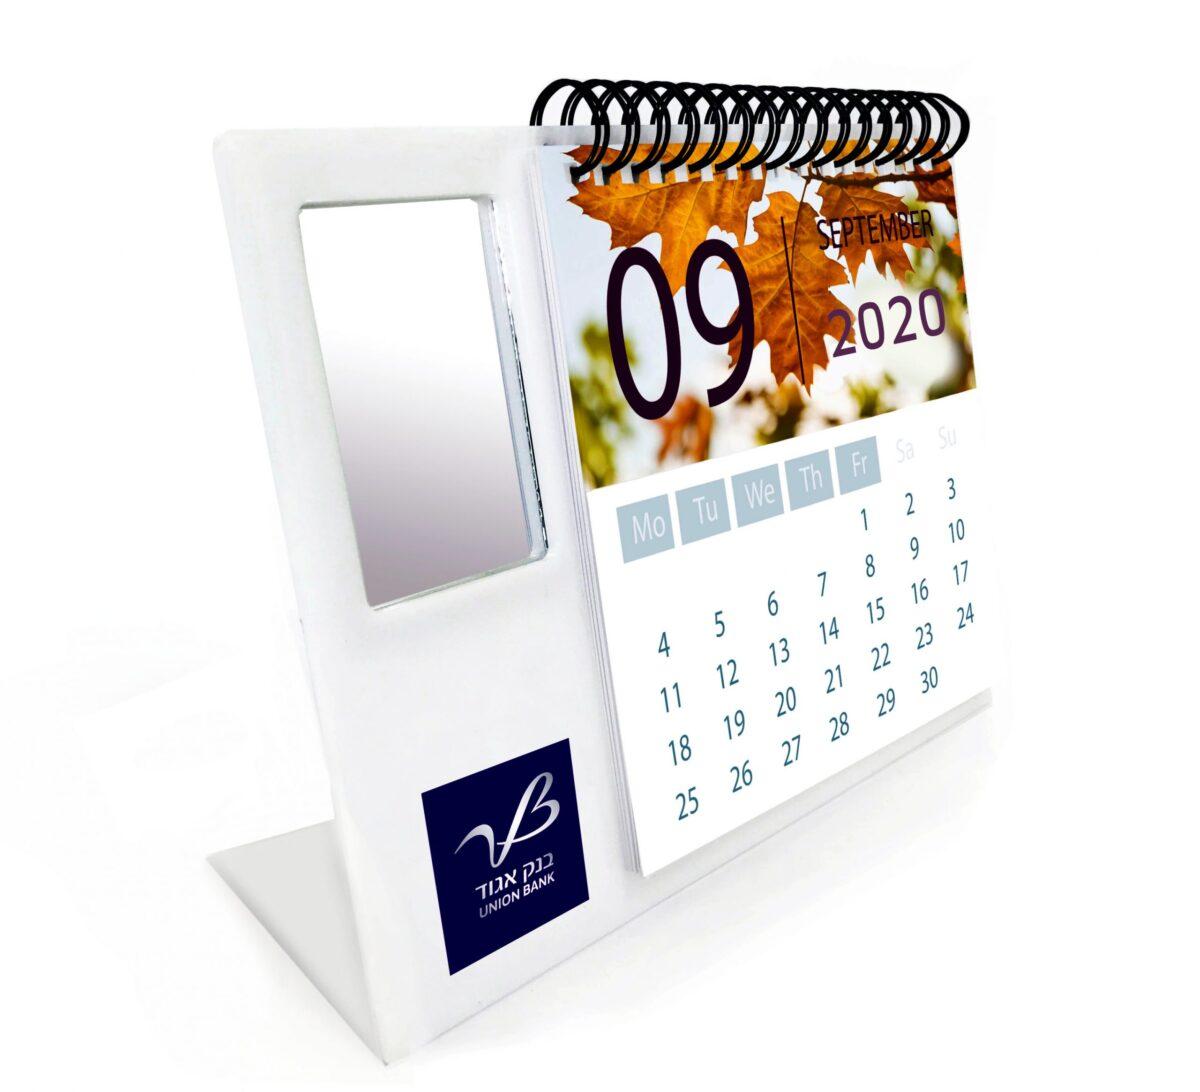 לוח שנה שולחני ממותג עם מראה מלבנית